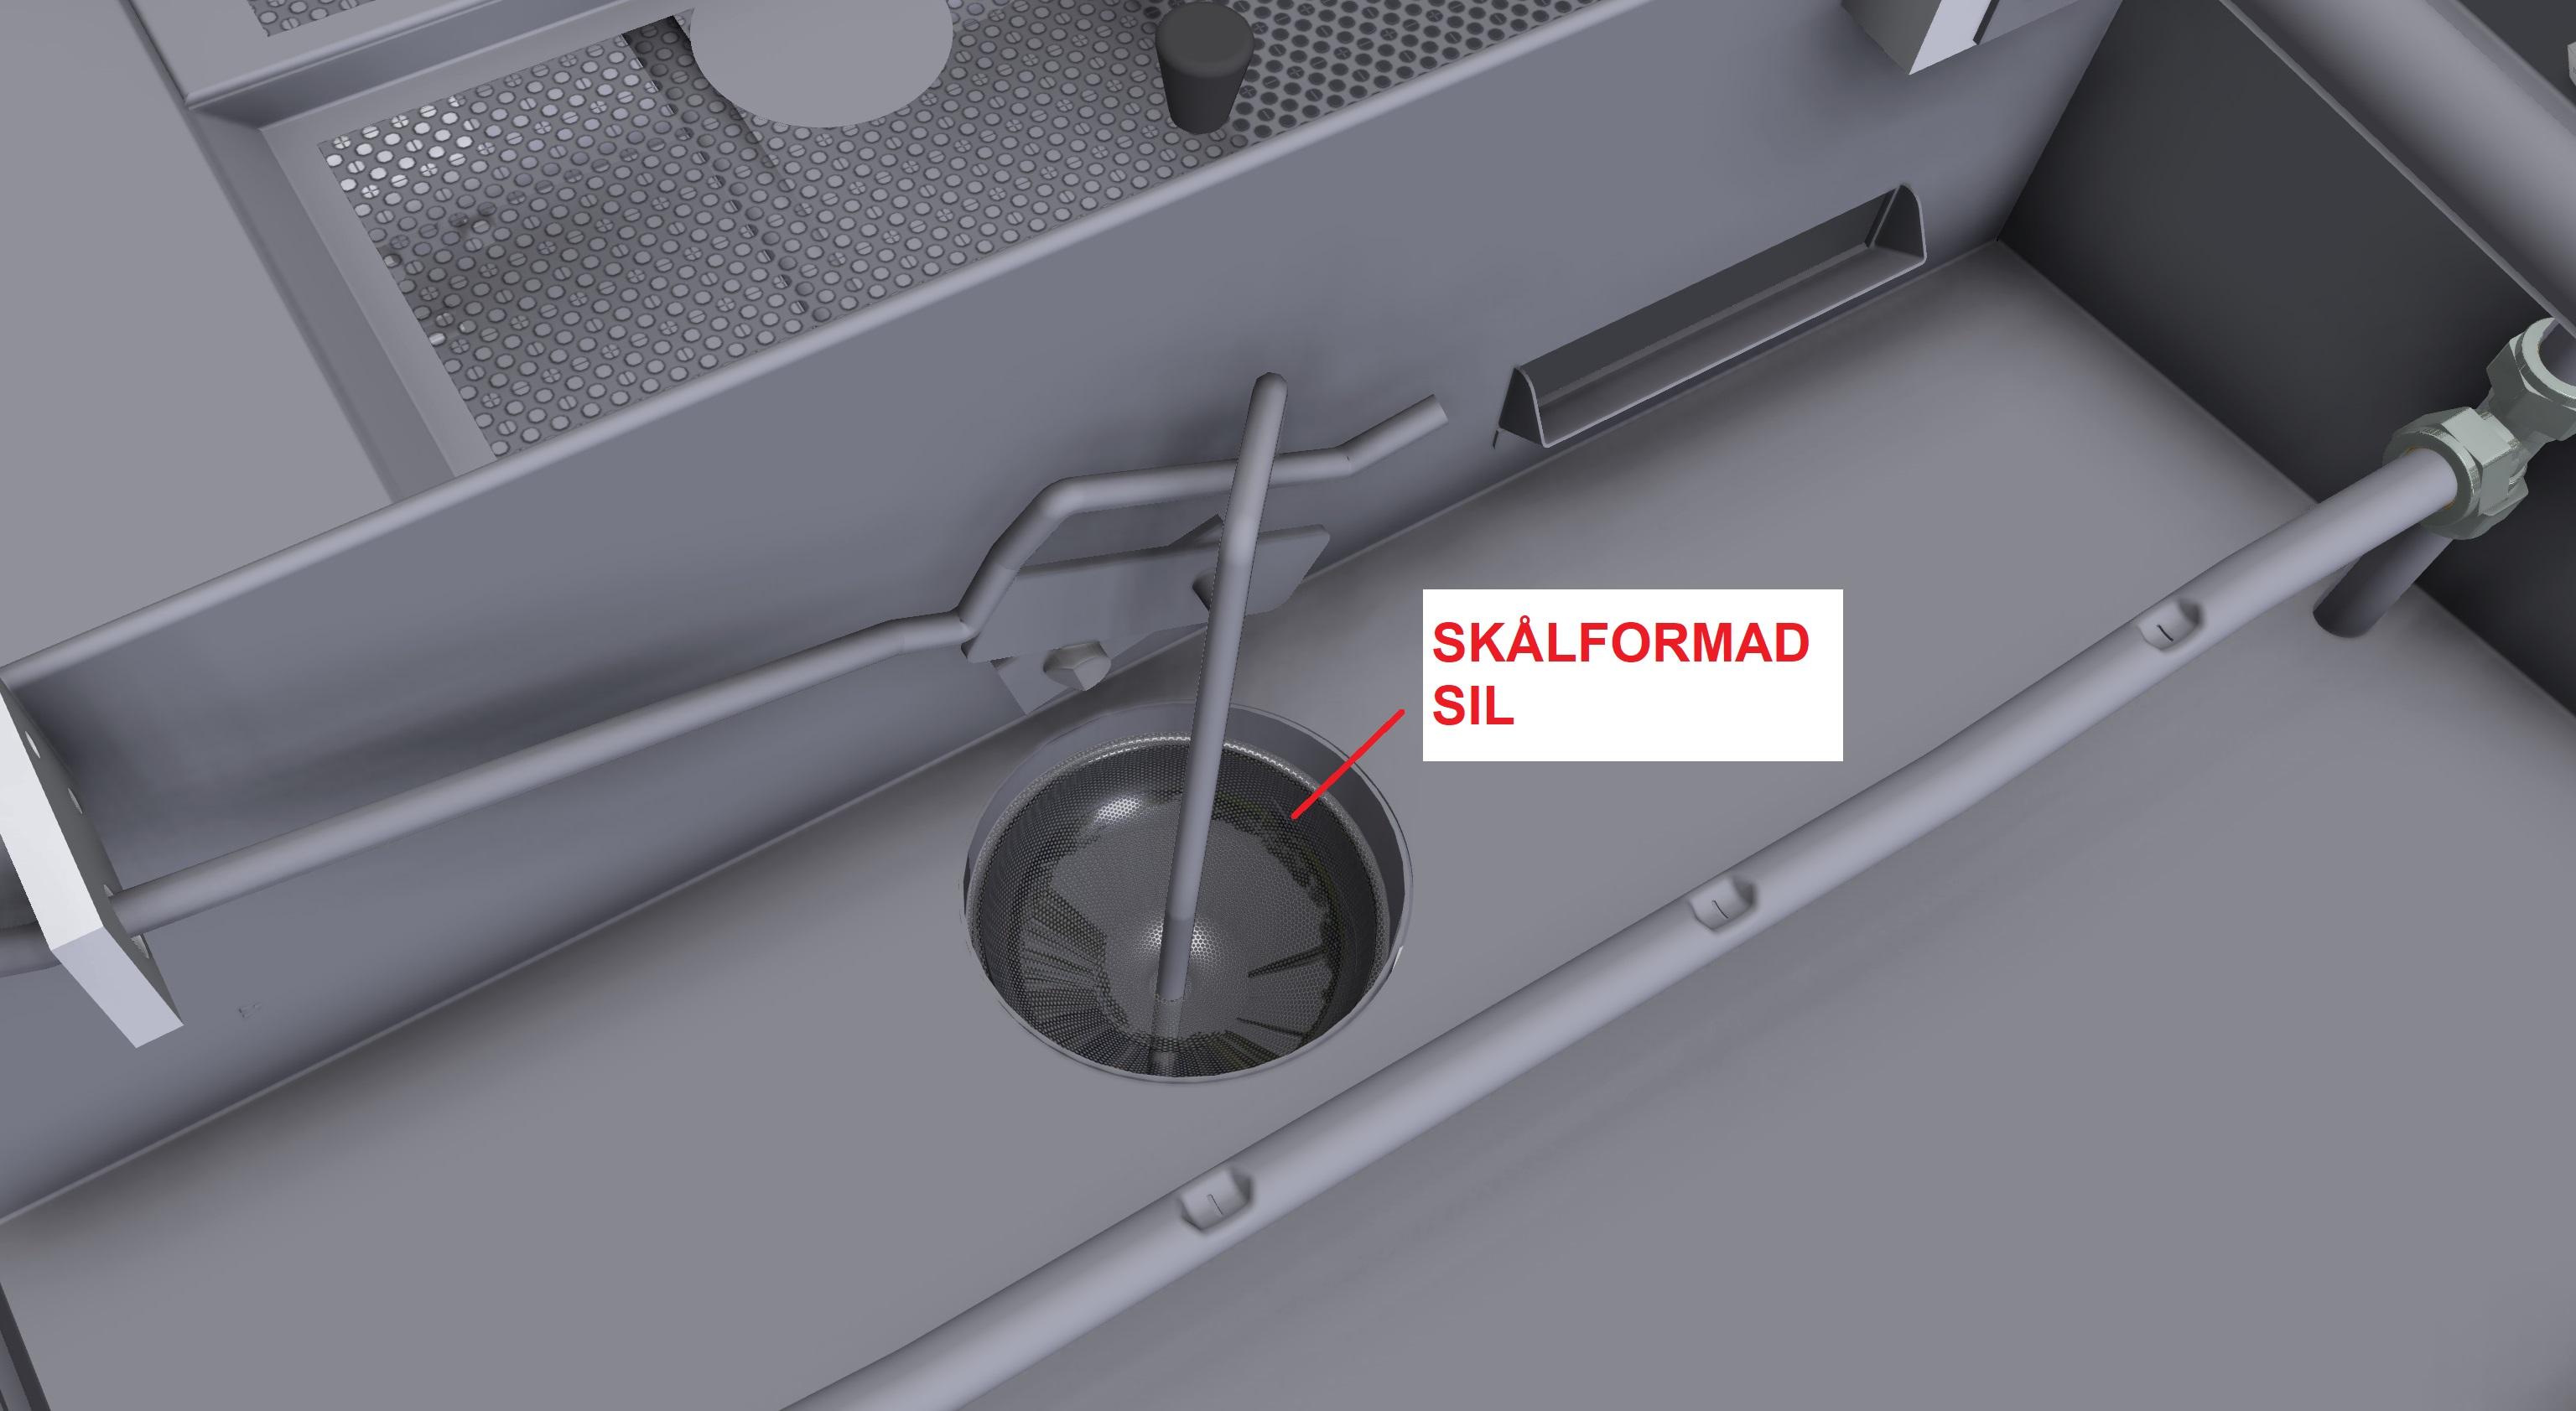 ritning av tvättmaskin med illustrering av problemområde skålformad sil